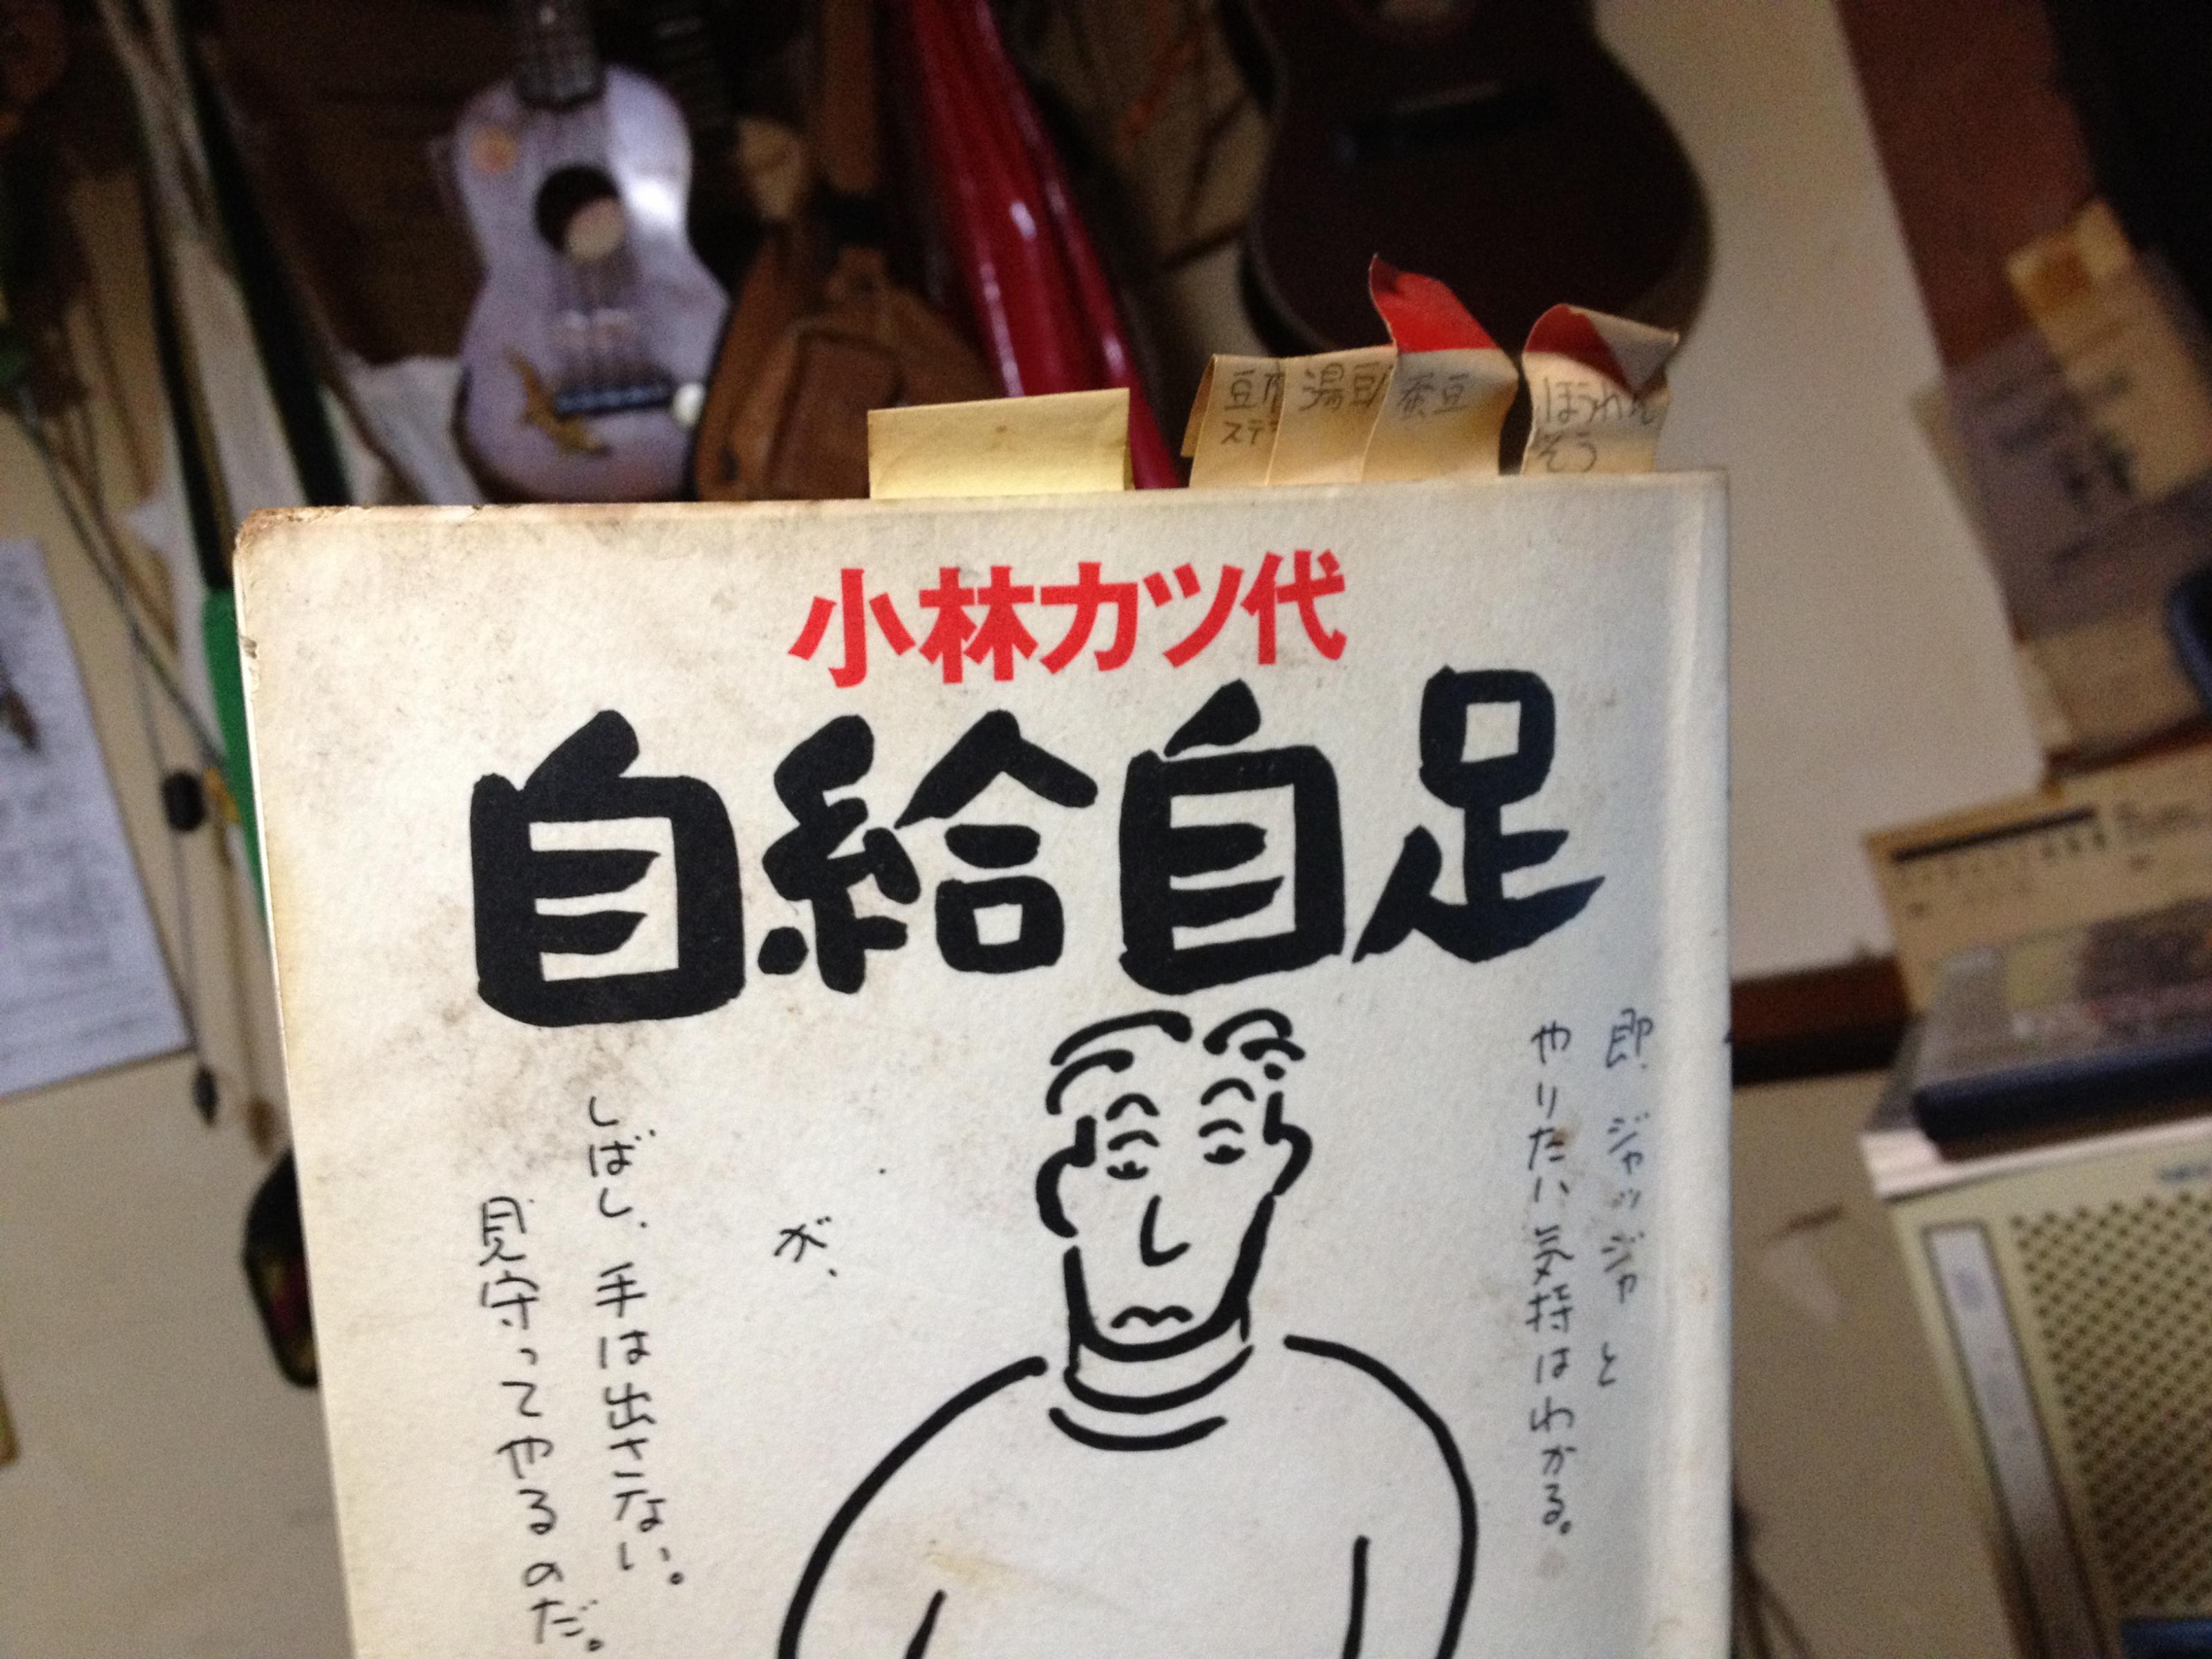 小林カツ代『自給自足』(日本経済新聞社)、初版